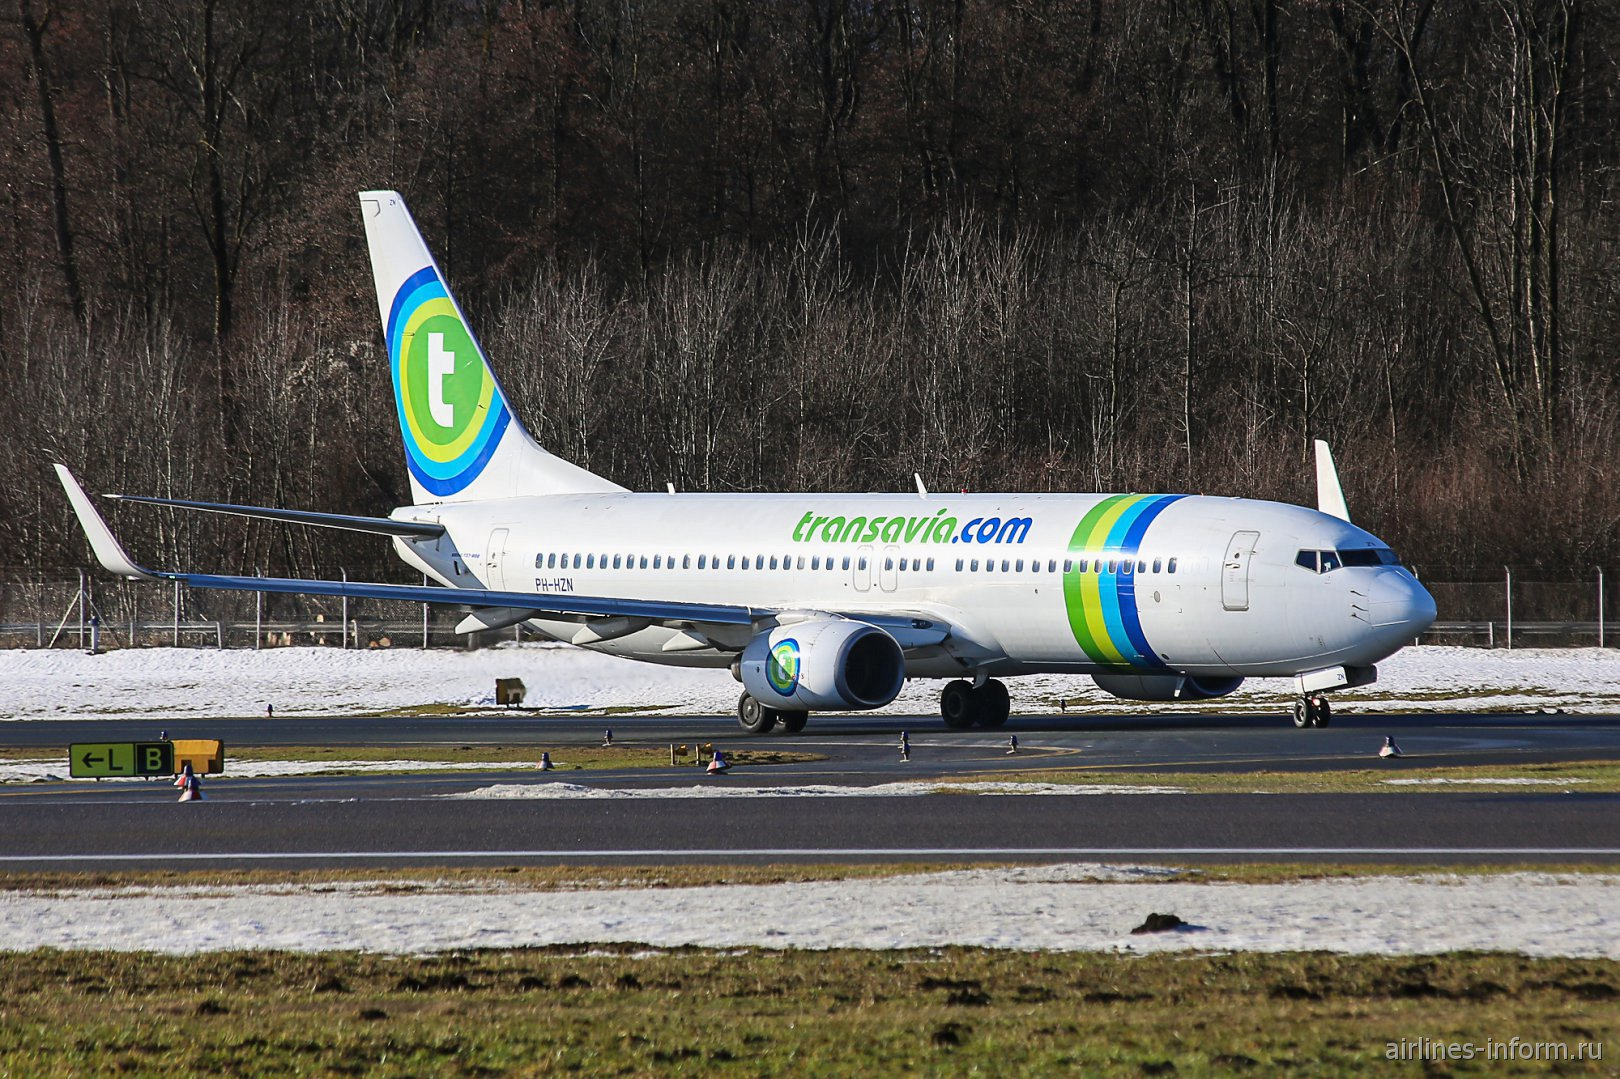 Боинг-737-800 PH-HZN авиакомпании Transavia перед взлетом в аэропорту Зальцбурга